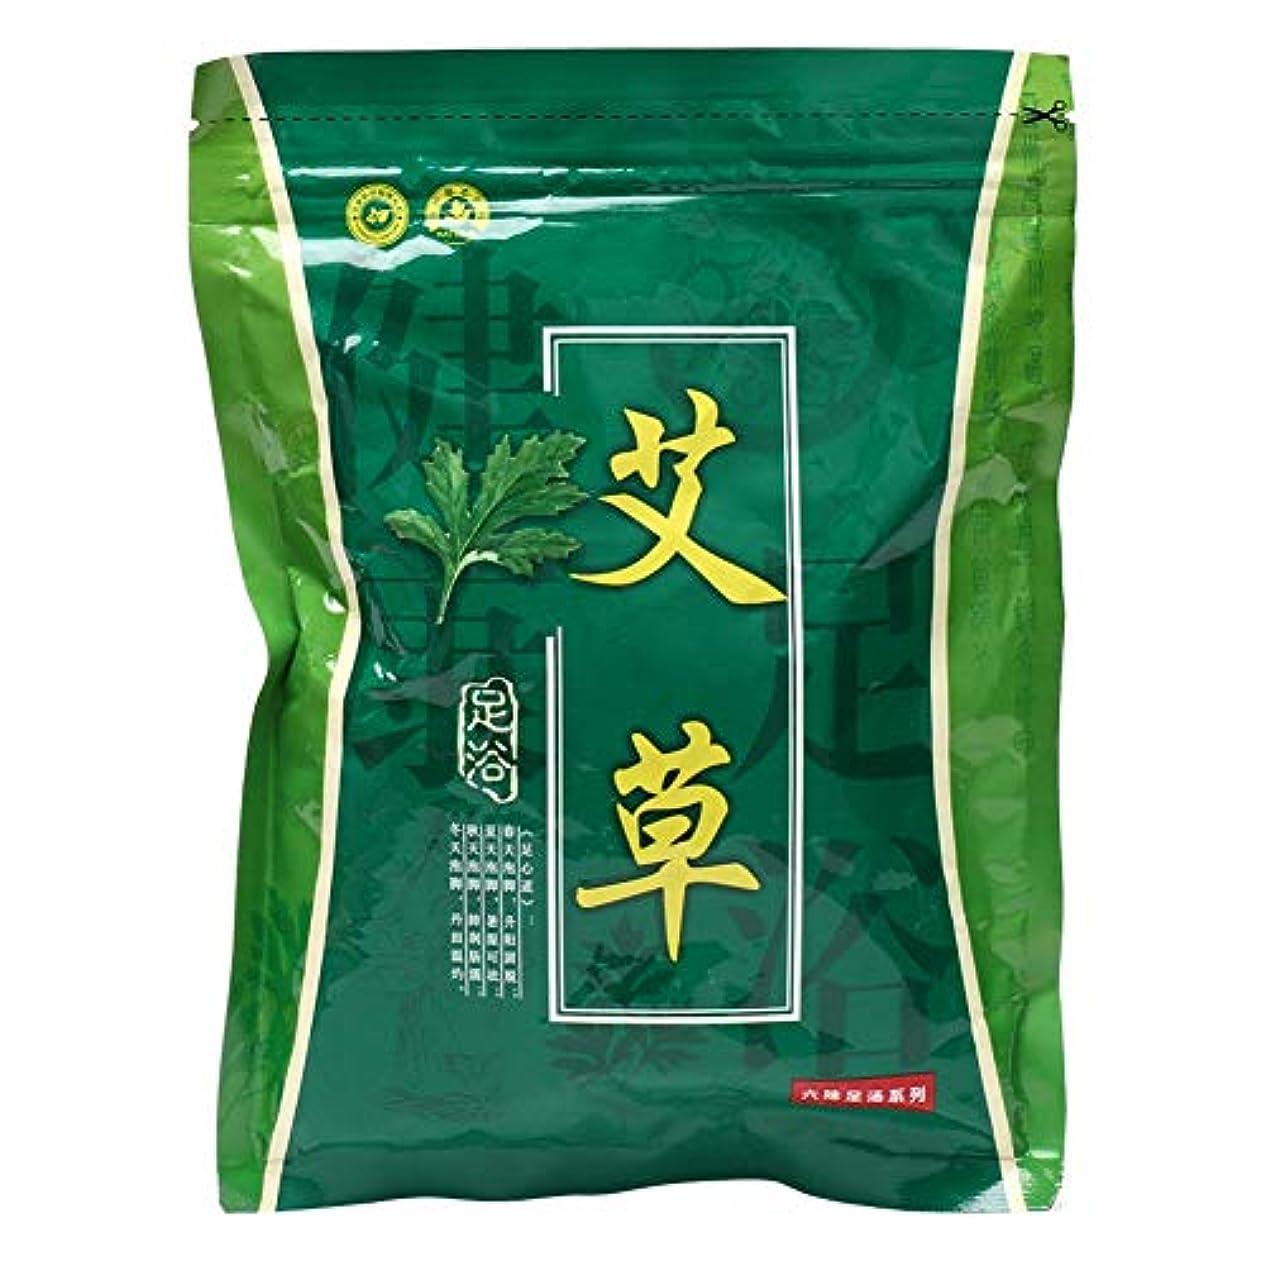 気性裁定朝フットソーキングパウダー、ストレス解消のための植物エキス入りフットバスパウダー(よもぎ)